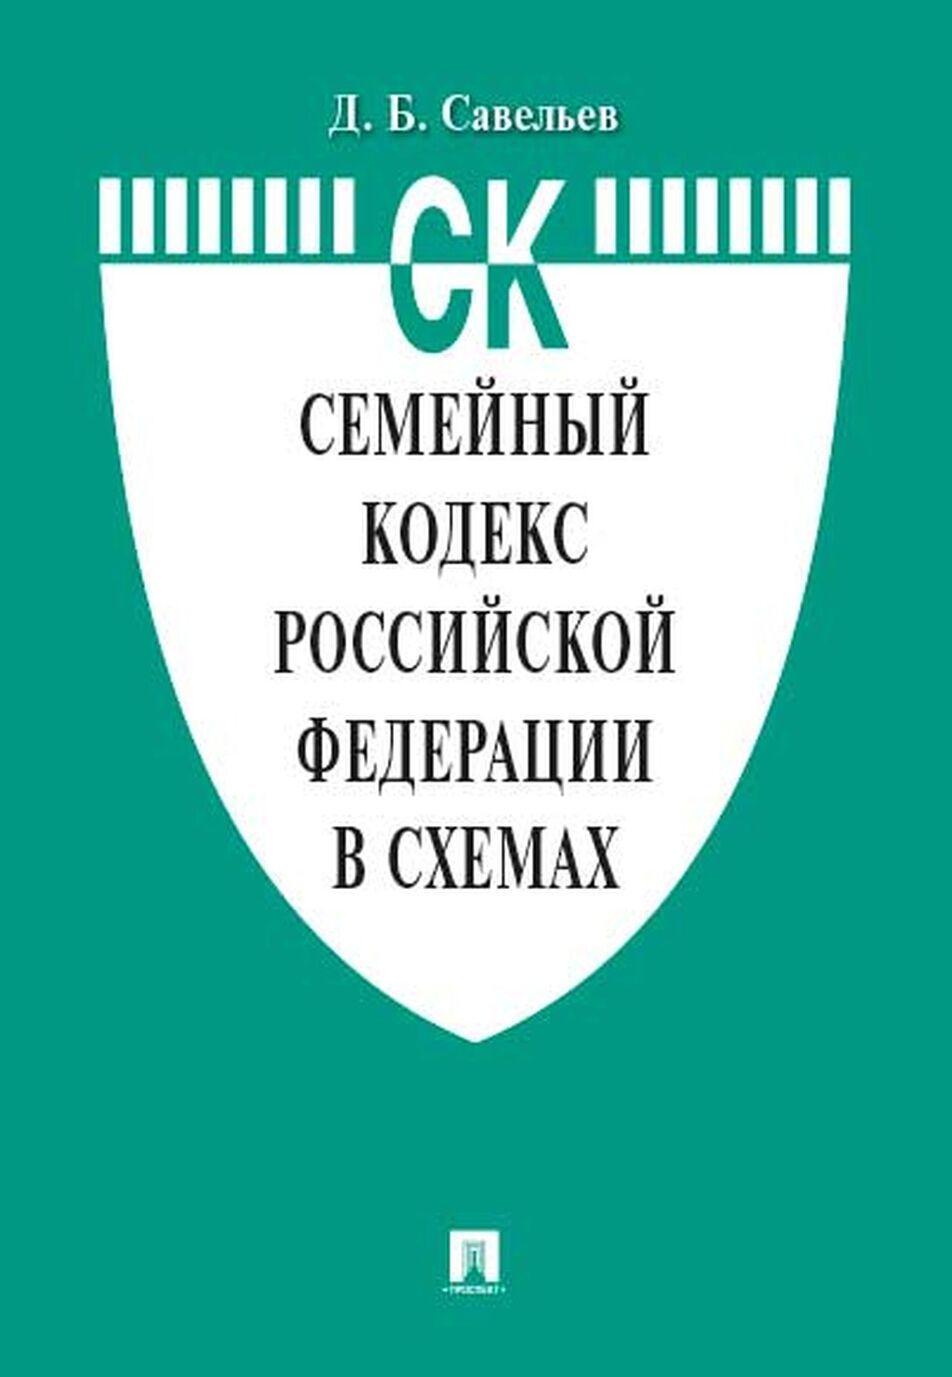 Semejnyj kodeks Rossijskoj Federatsii v skhemakh. Uchebnoe posobie